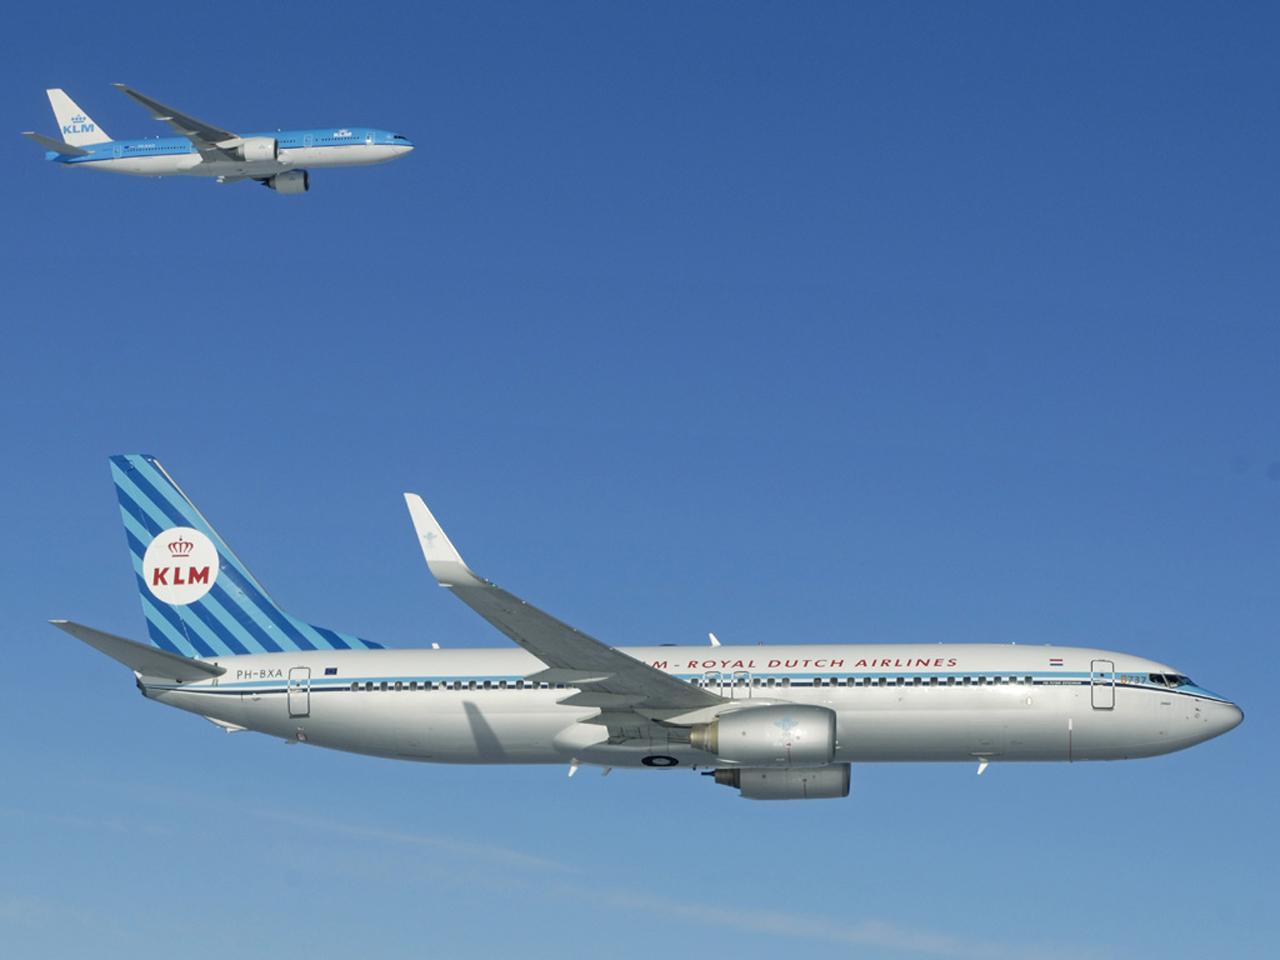 KLM 737 retro